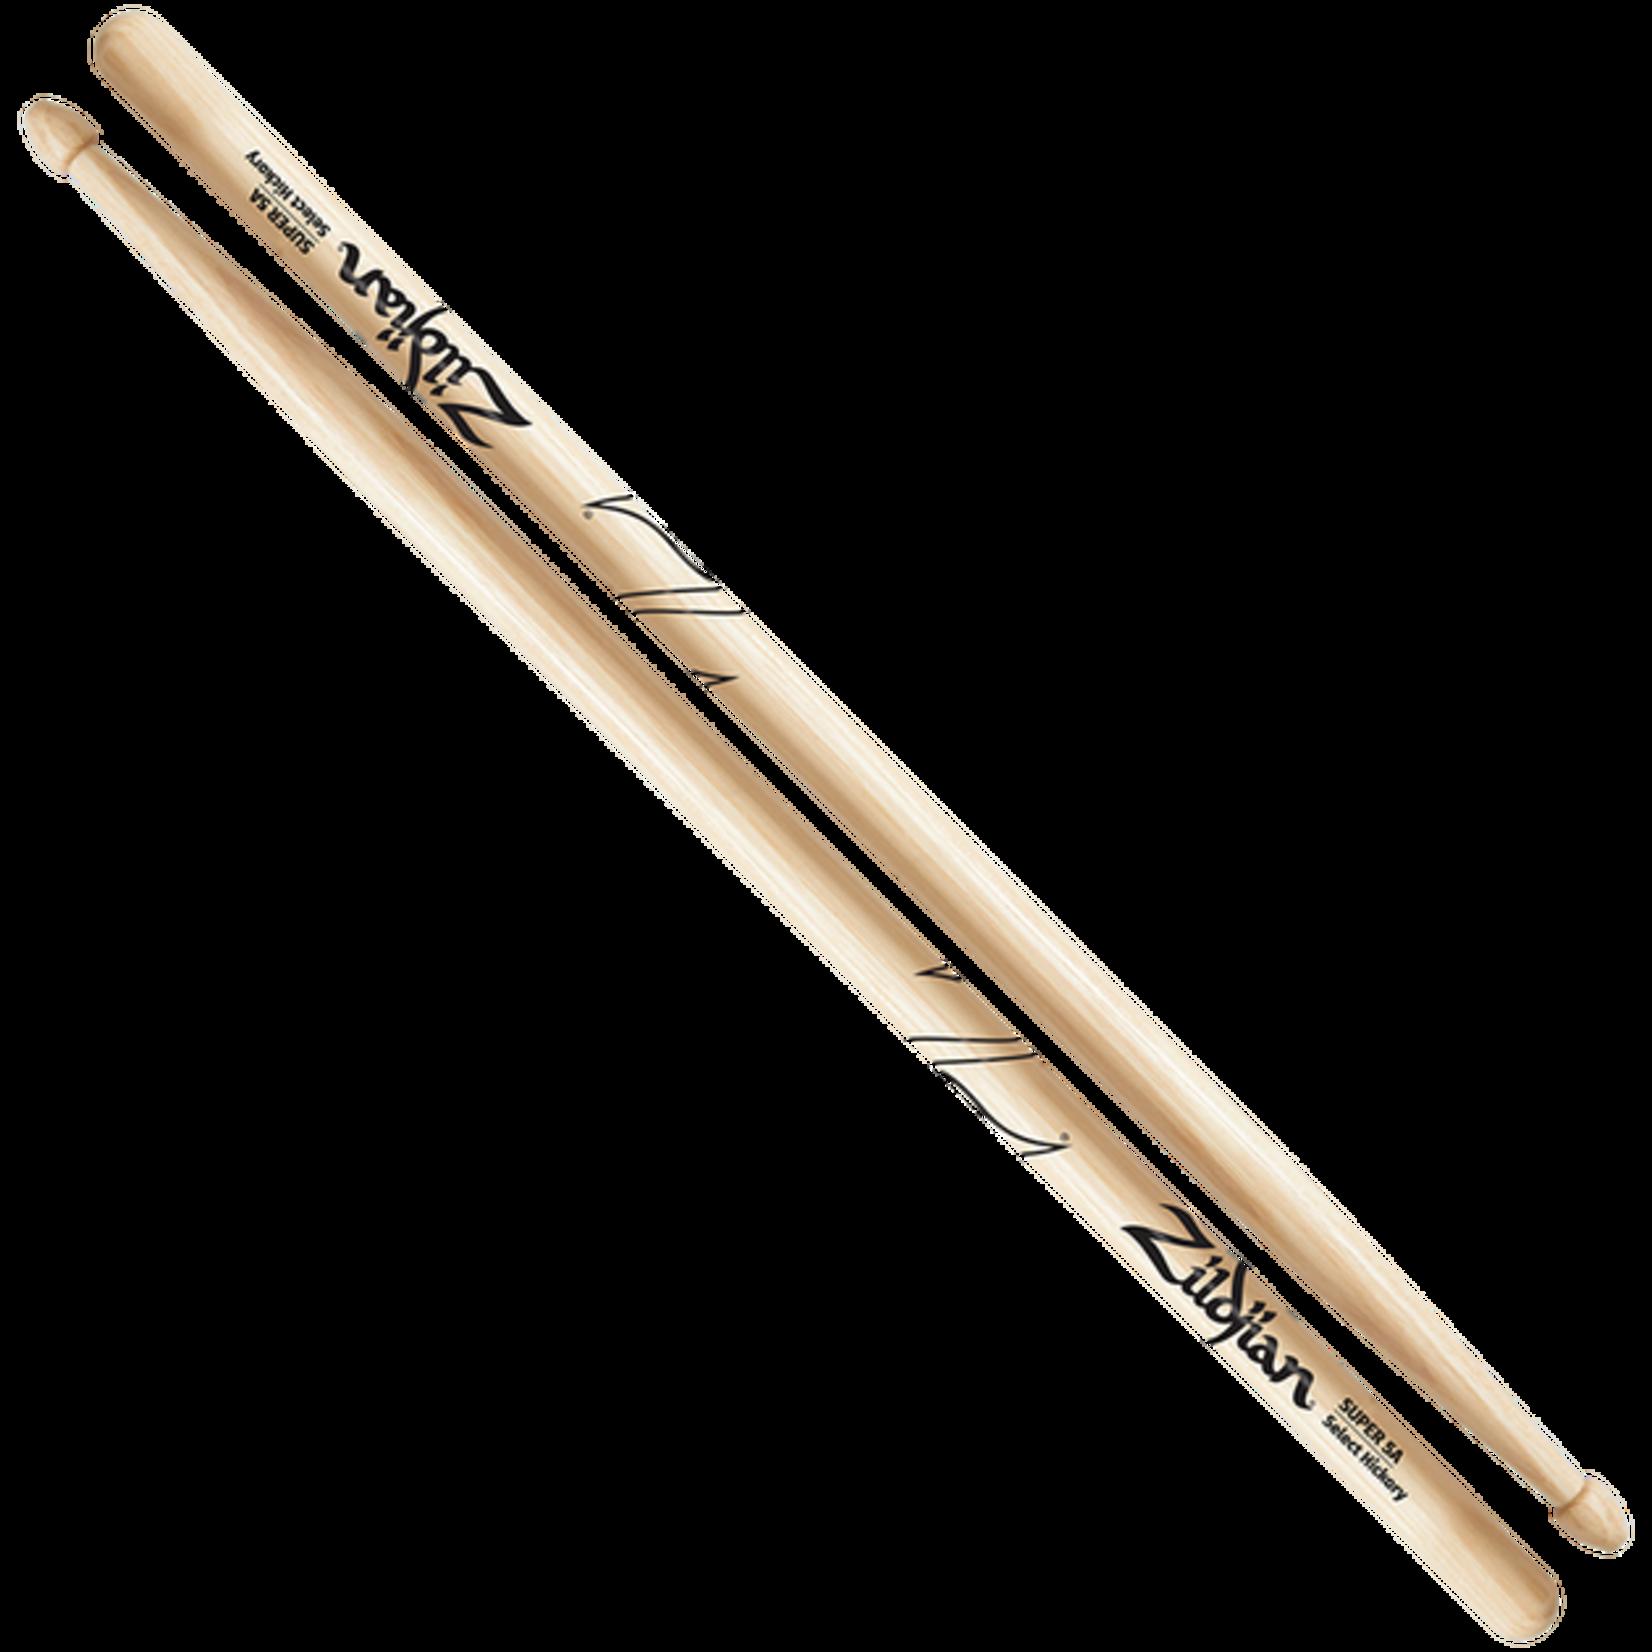 Zildjian Zildjian Super 5A Drumsticks